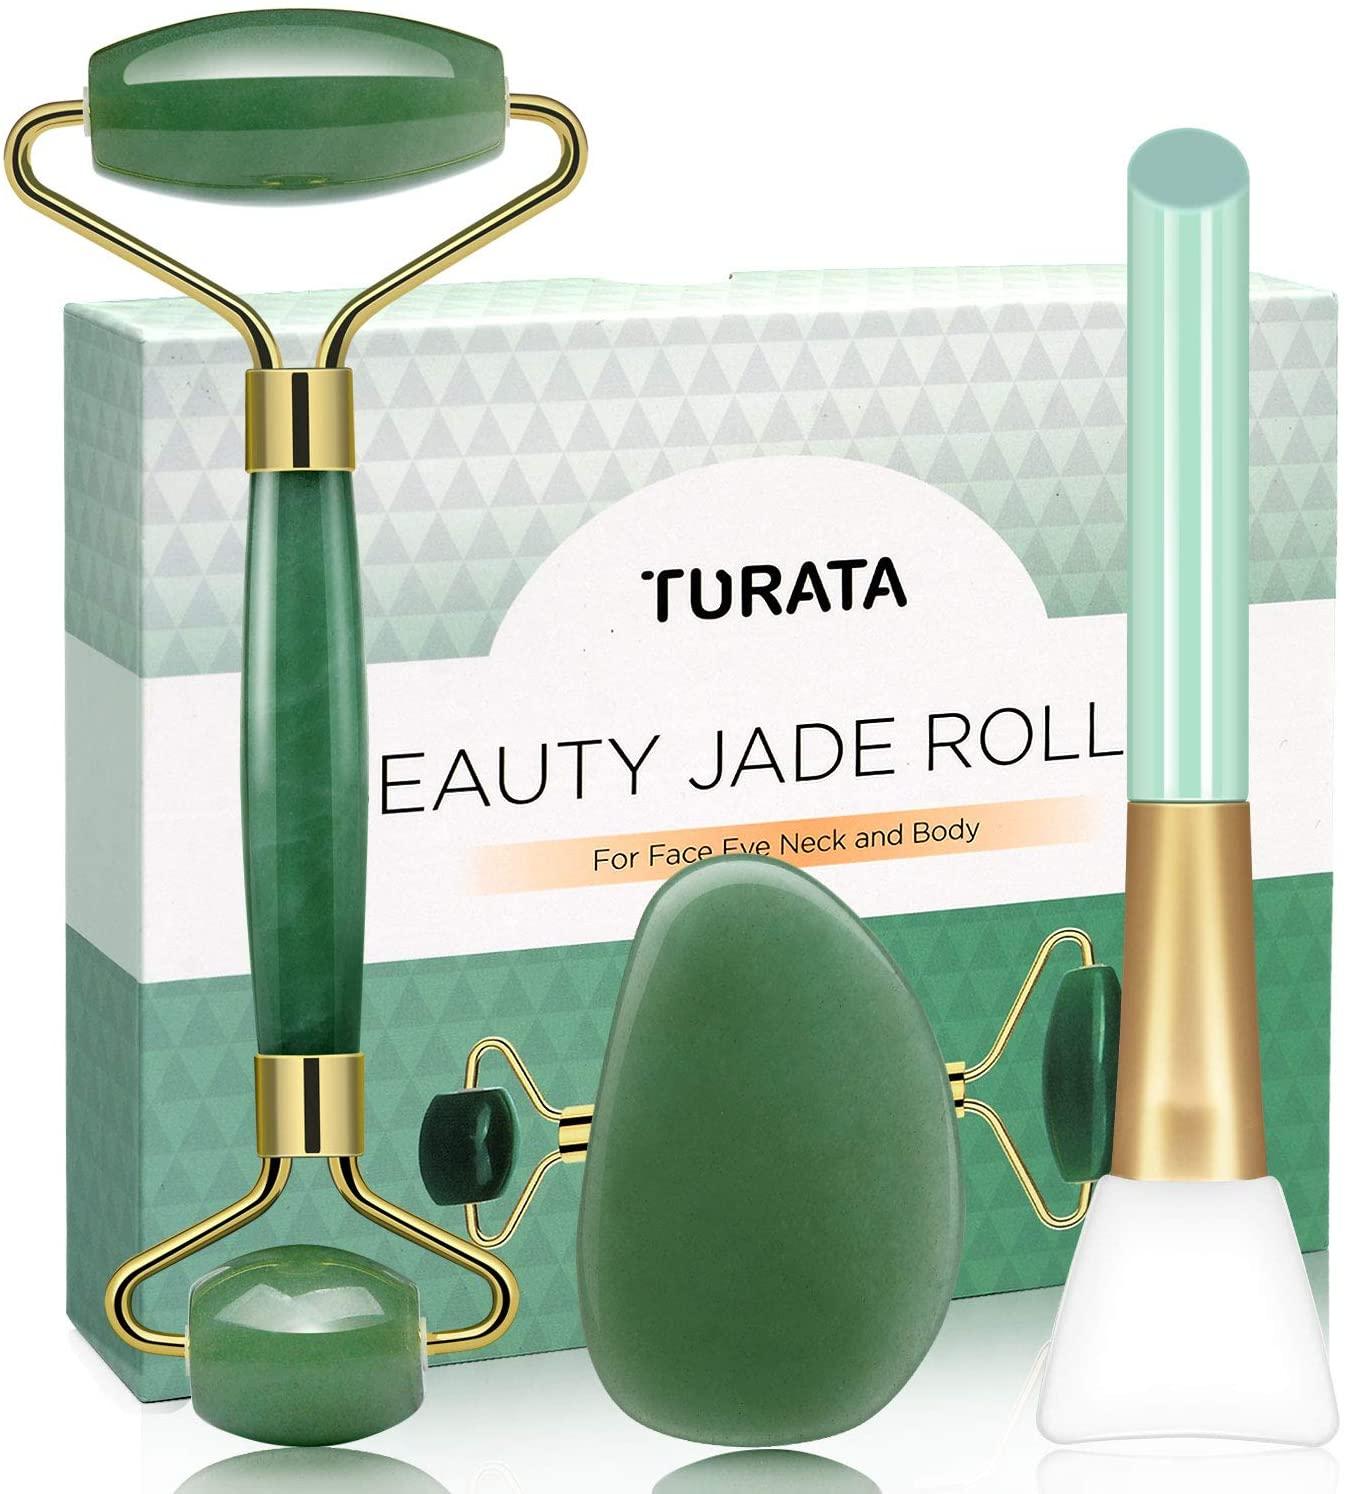 Rodillo de jade y piedra gua sha TURATA